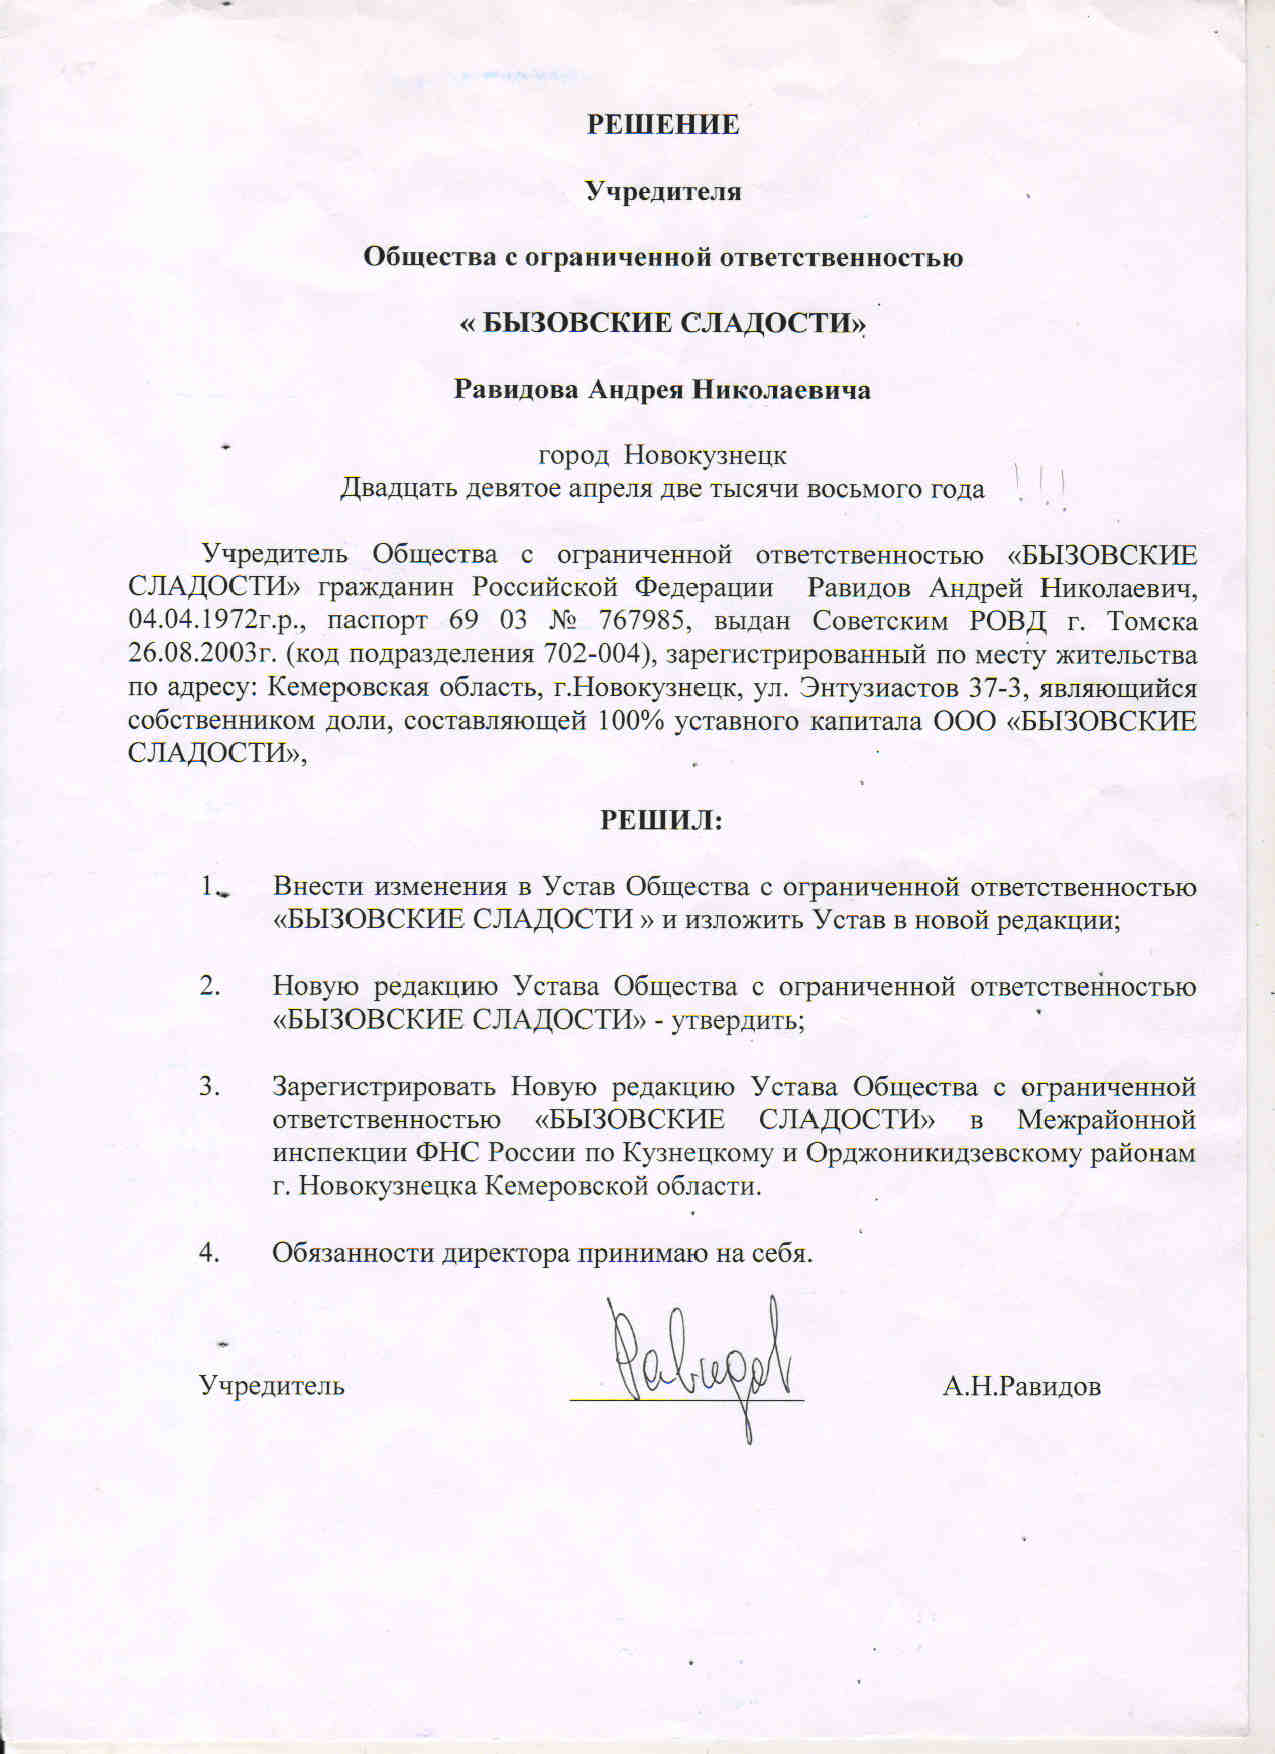 Решение о внесении изменений в Устав ООО